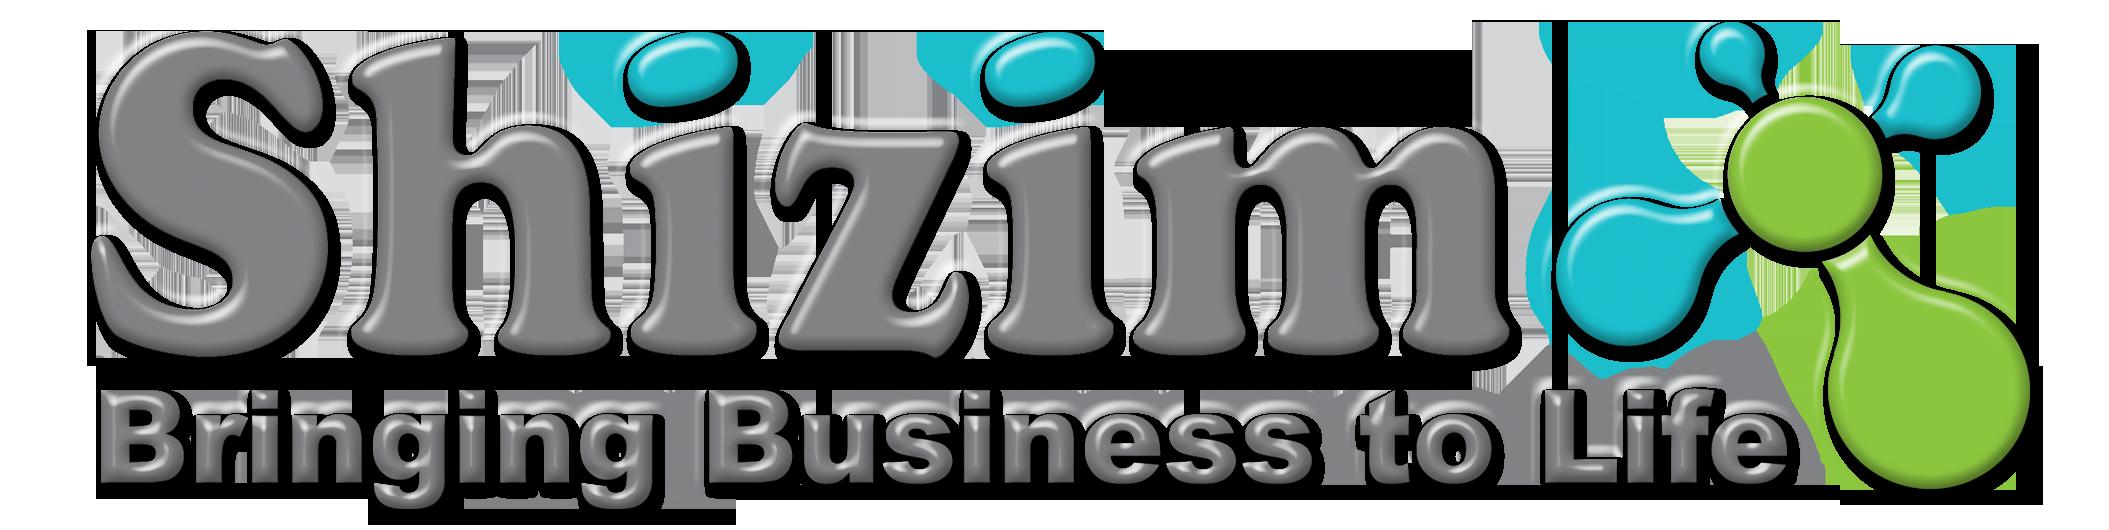 shizimLogo2014